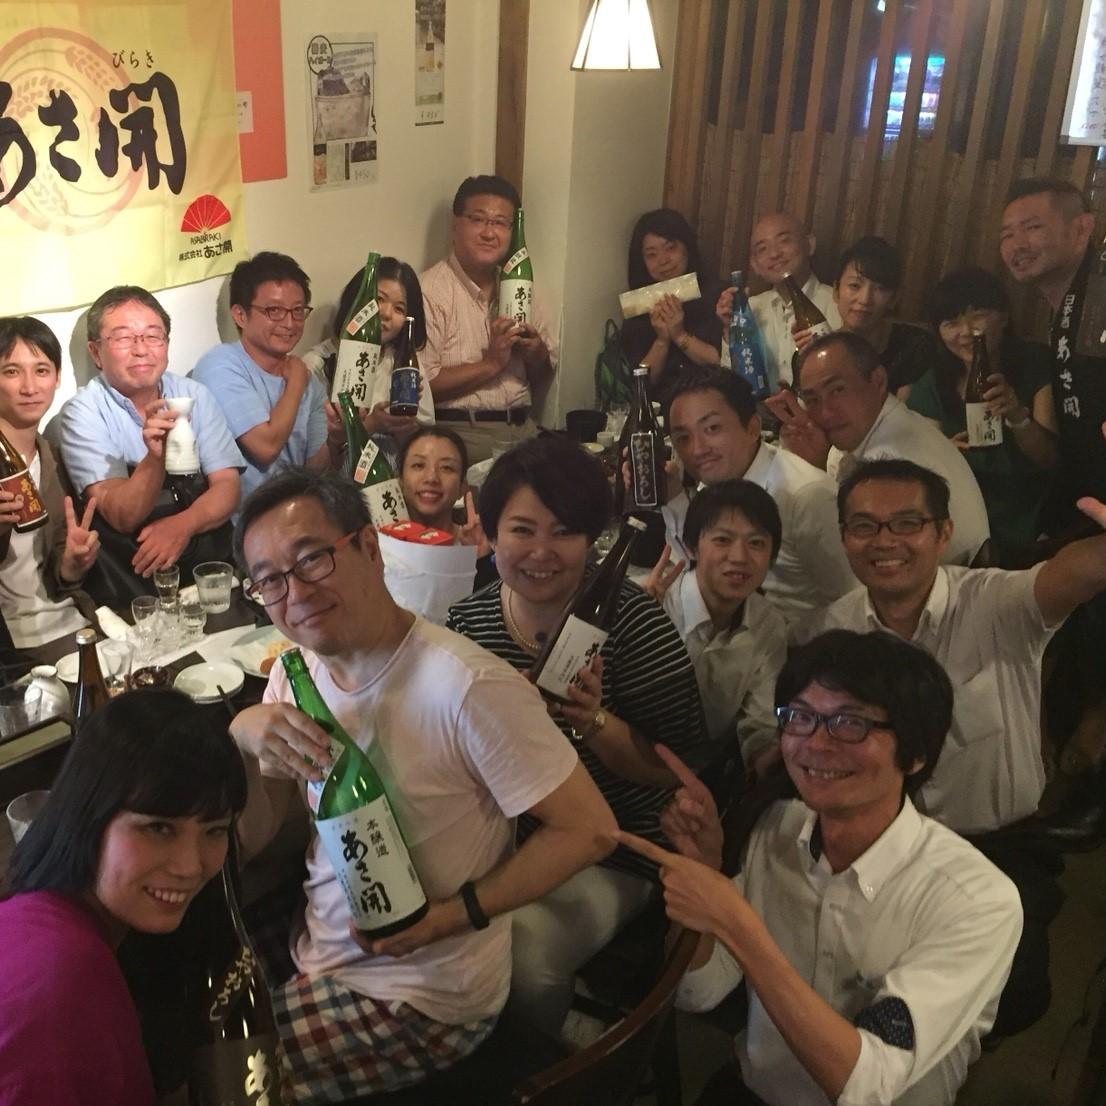 定期的に行われる蔵元さんとの交流会。お酒を知る、造り手を知るからこそ、おいしく提供できるんです。